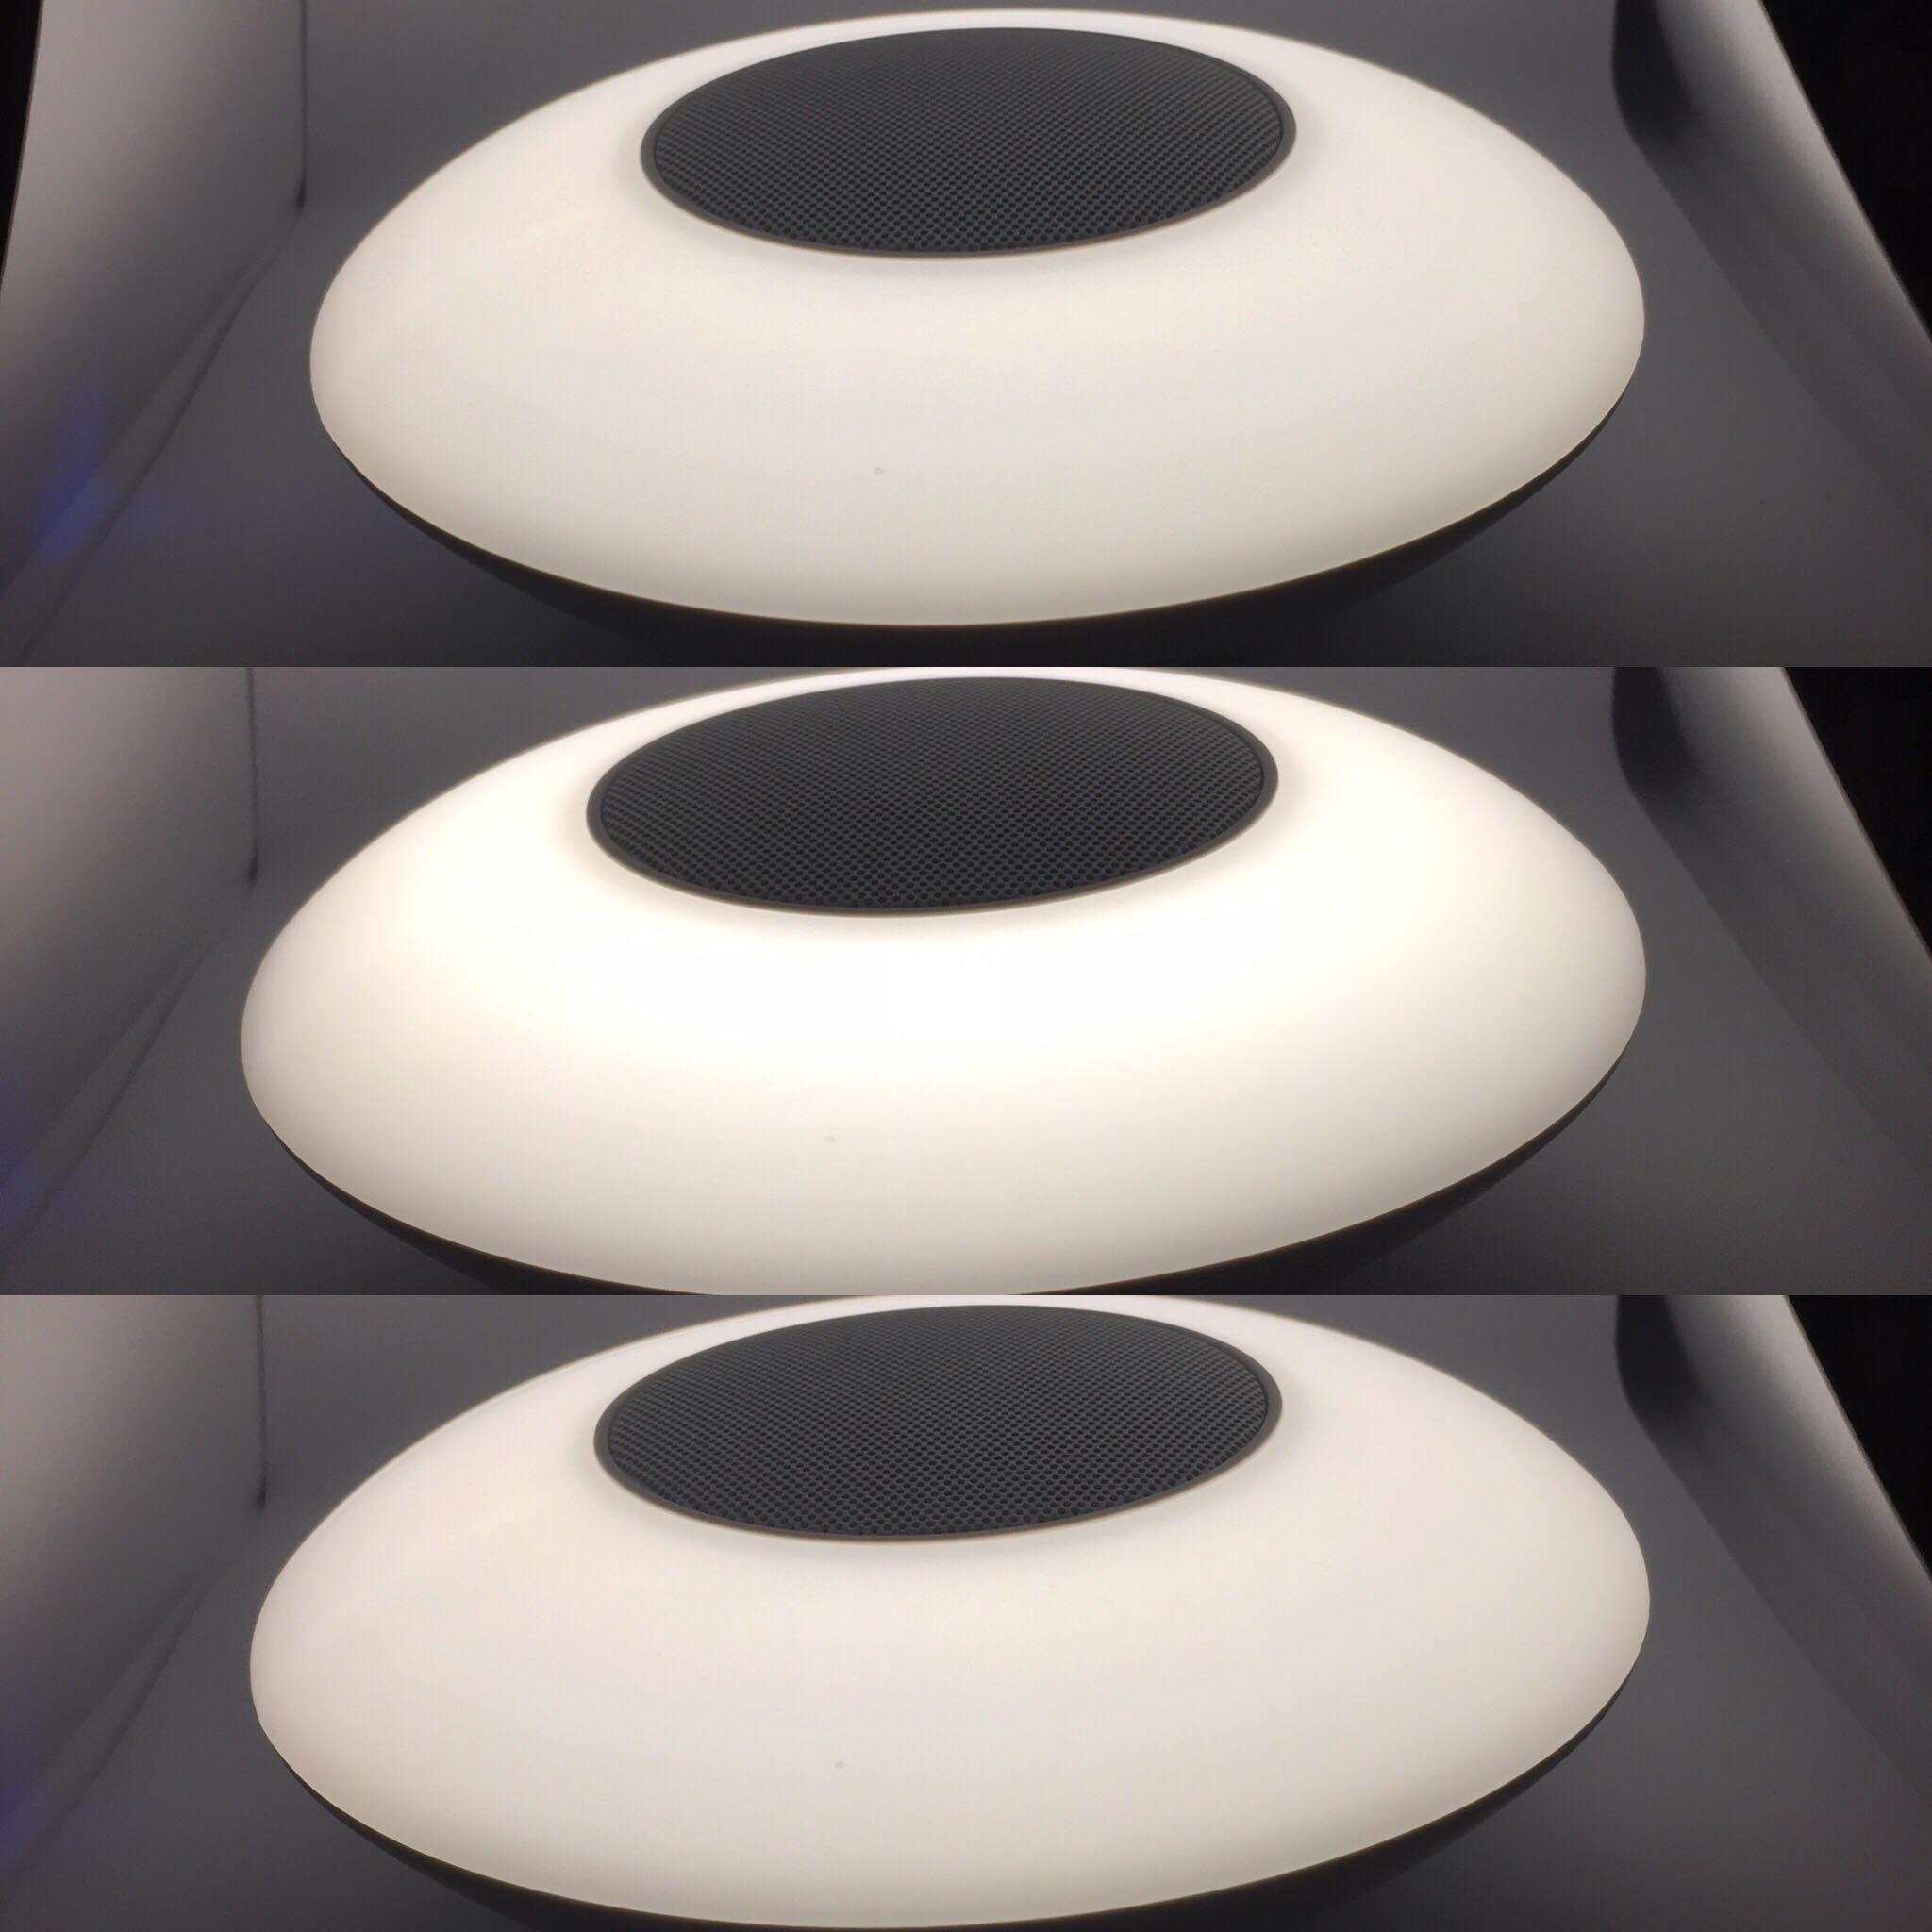 White light intensity in the dark